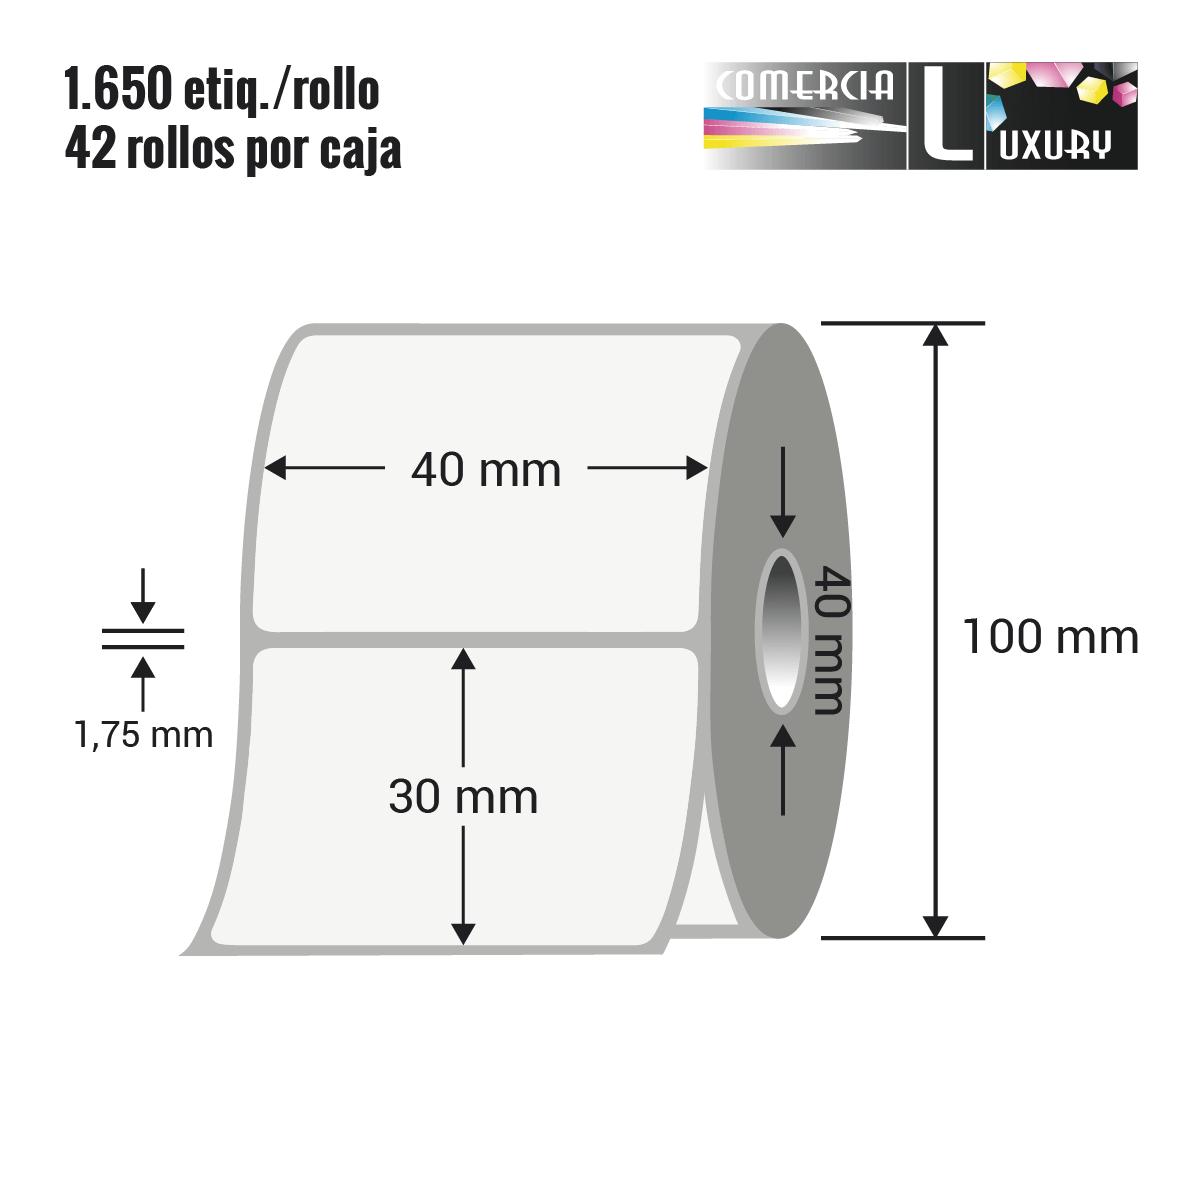 Etiqueta en rollo de papel termico para impresión sin ribbon de 40 x 30 mm Ø40 mm